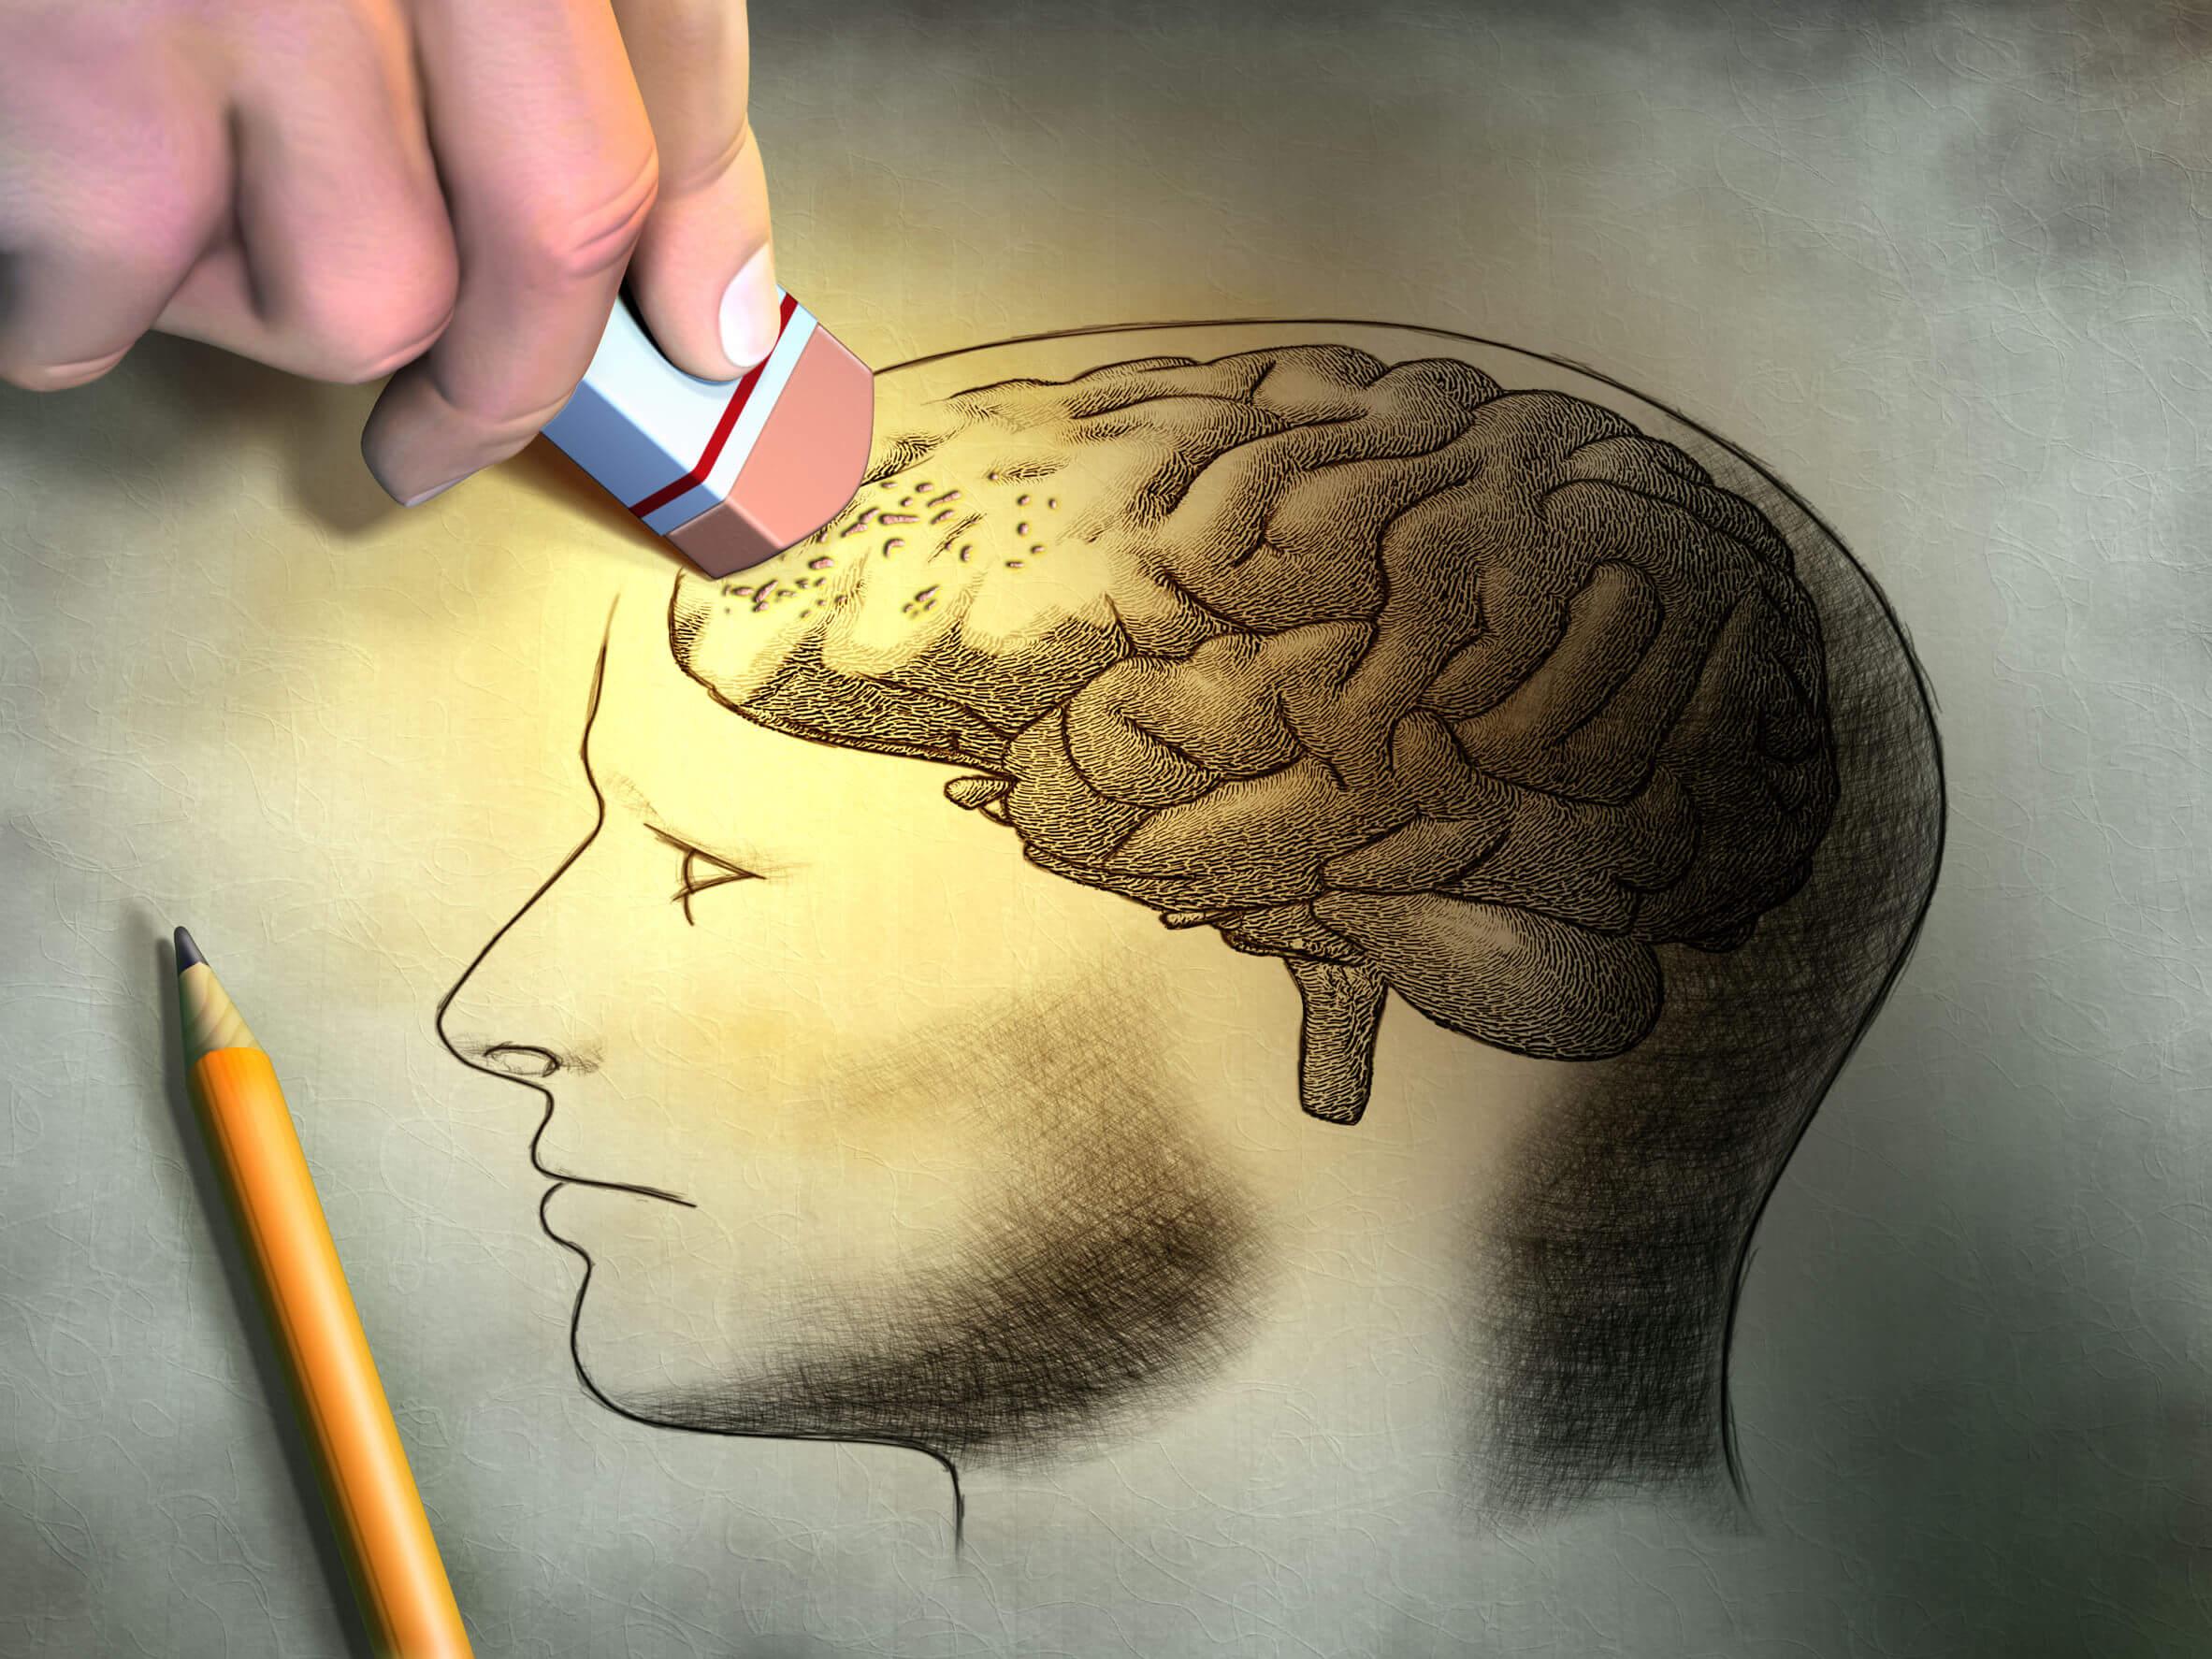 Возможность изменения воспоминаний стала еще ближе мозг человека,наука,нейробиология,память человека